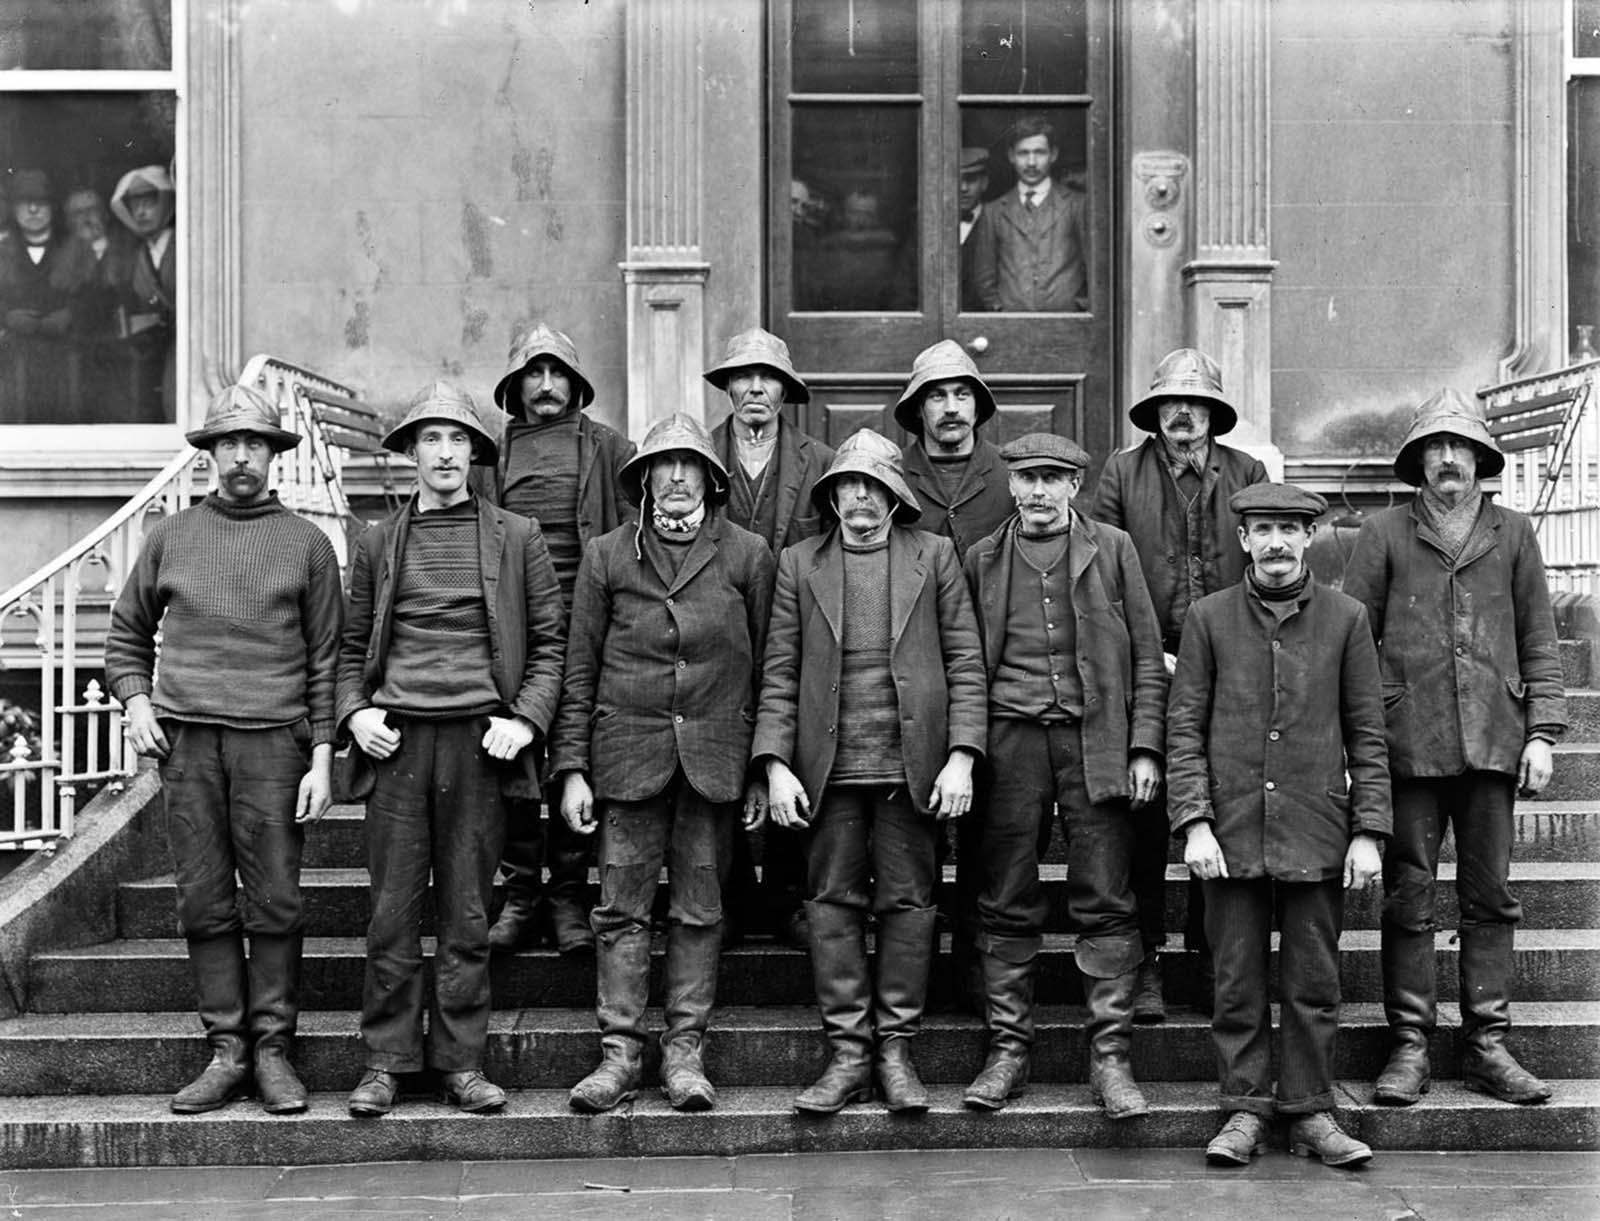 Lifeboat men. 1914.